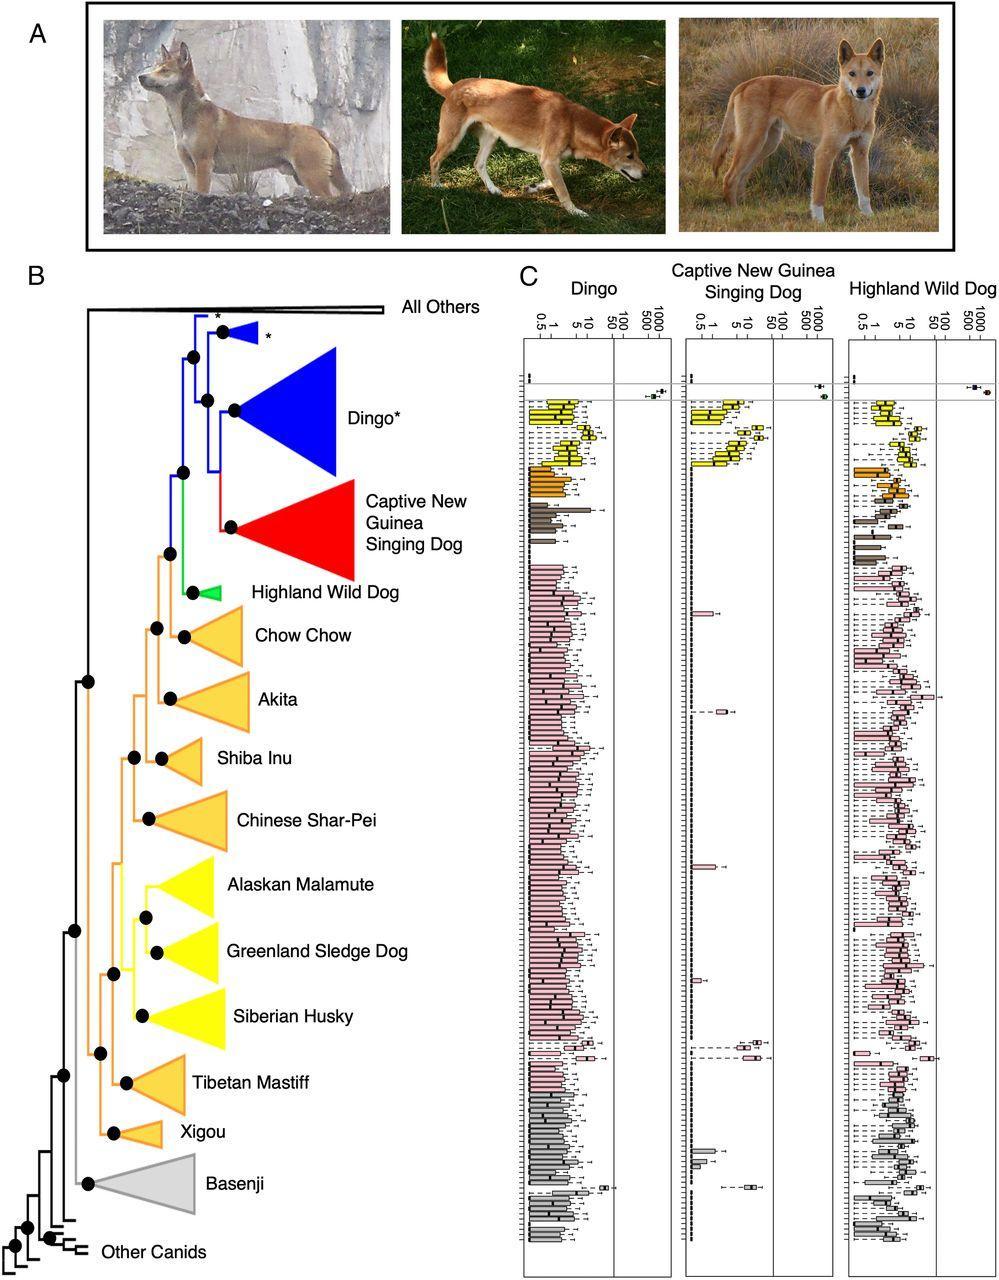 Биологи обнаружили дикого предка уникальной новогвинейской поющей собаки